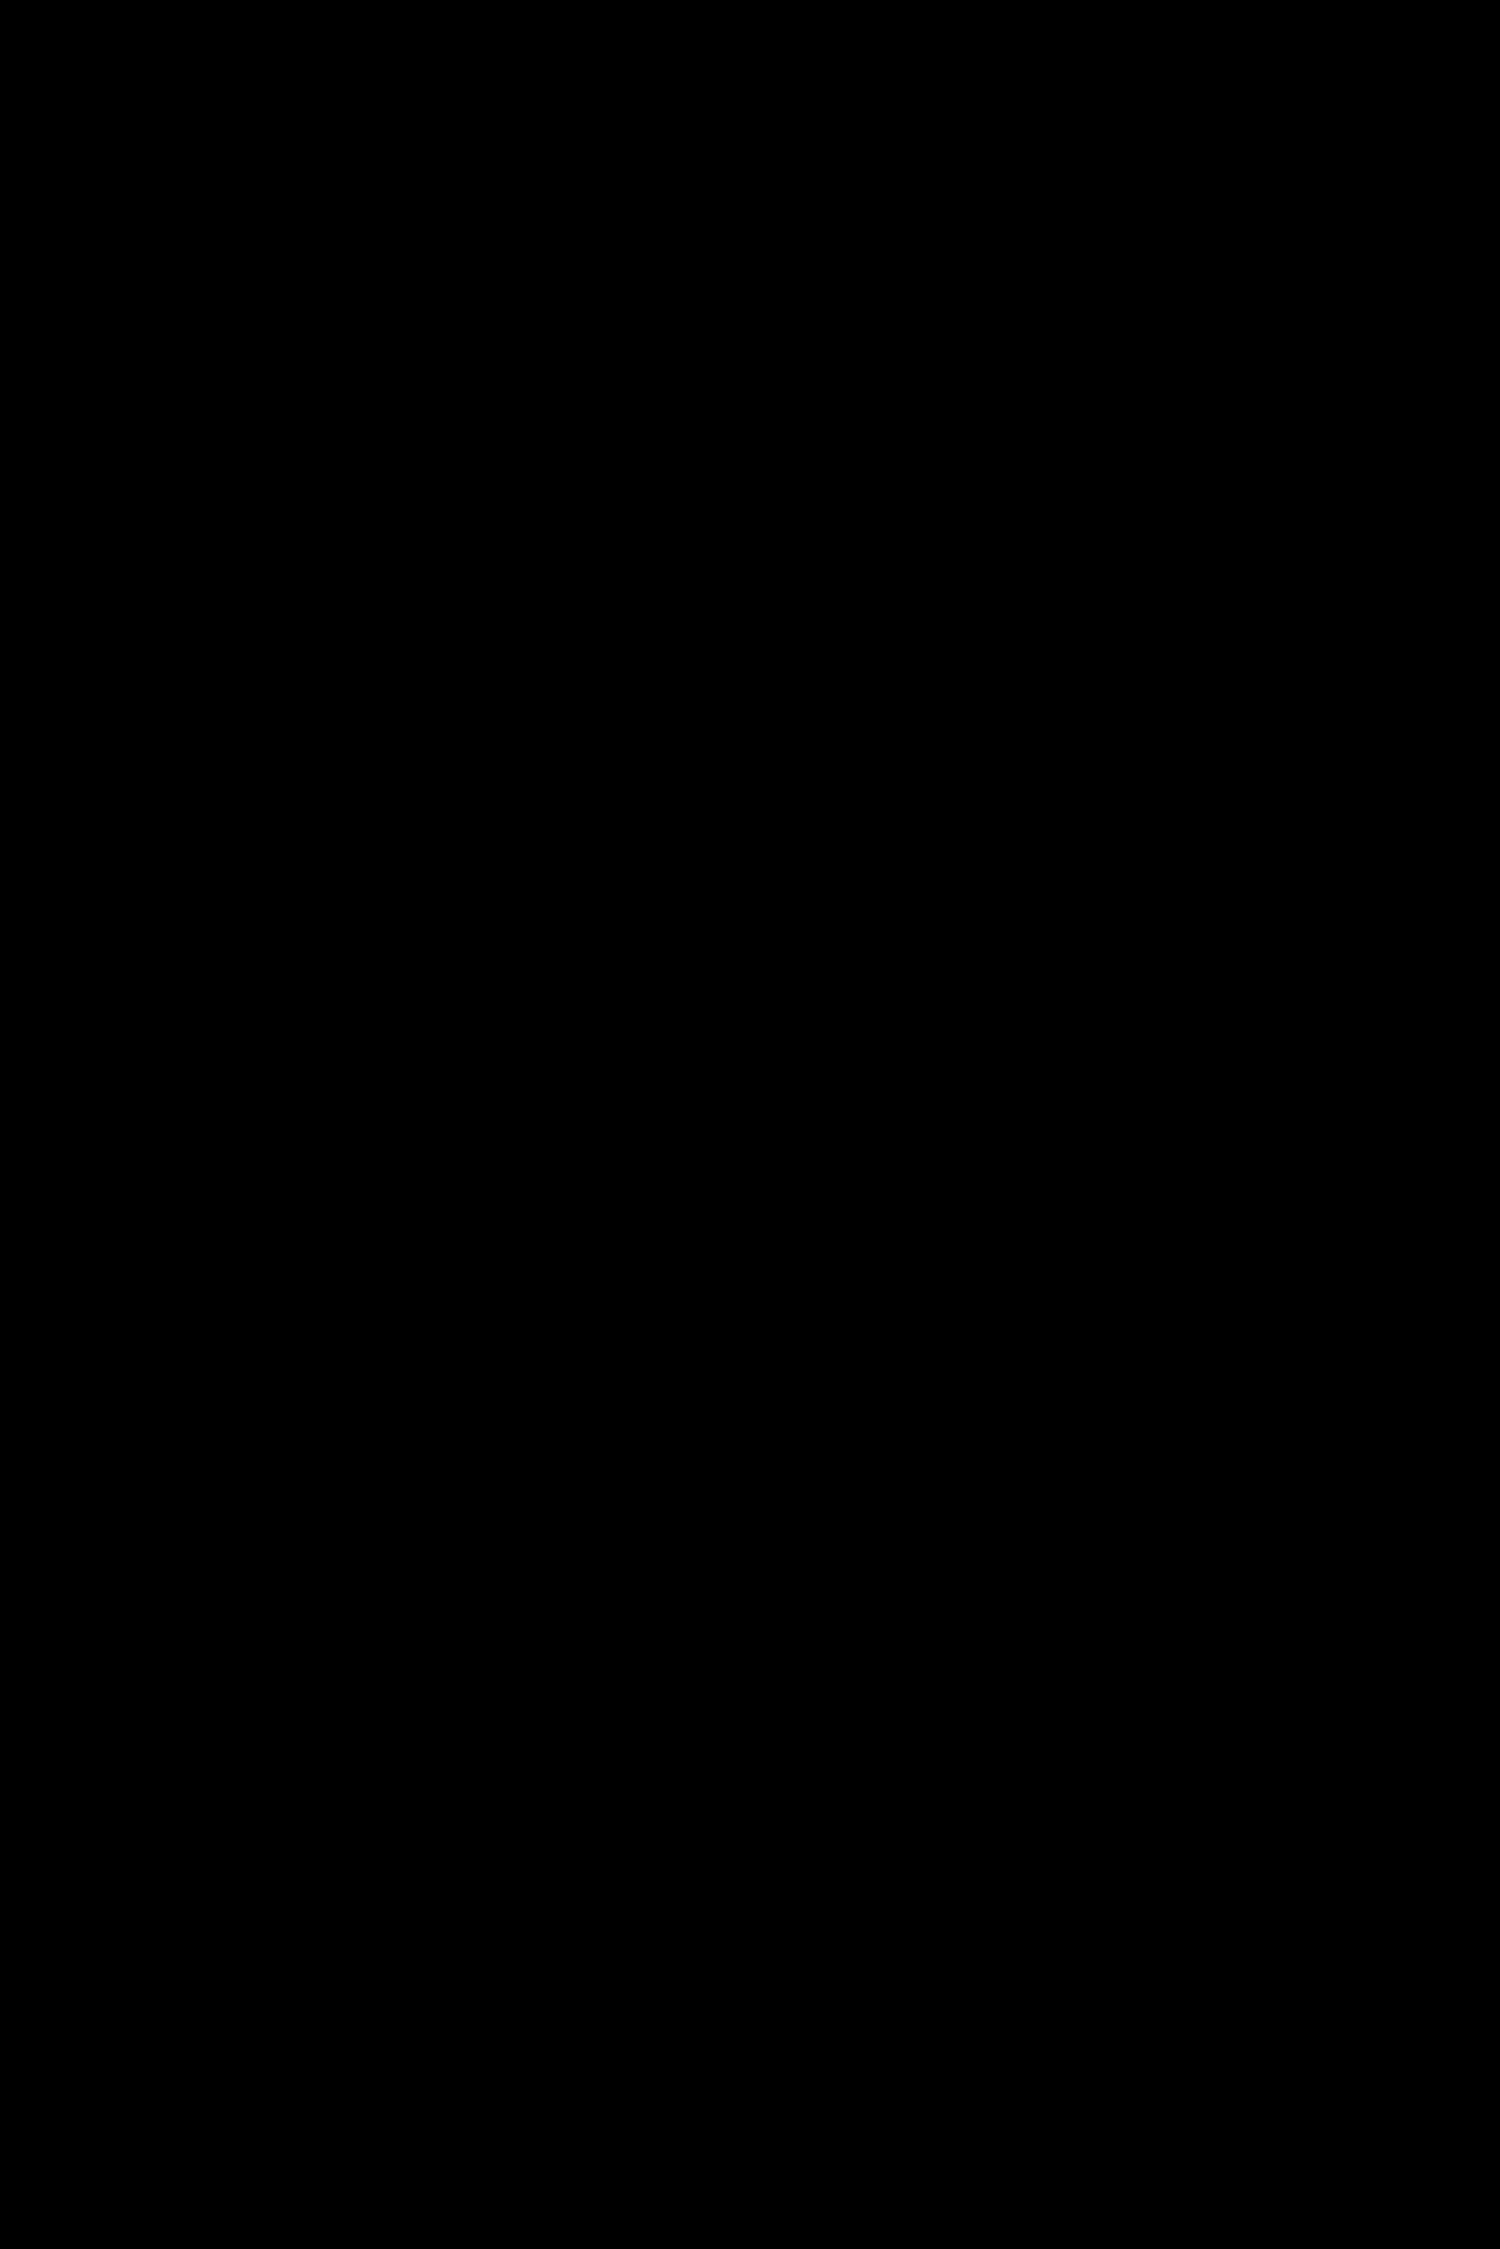 detail_3